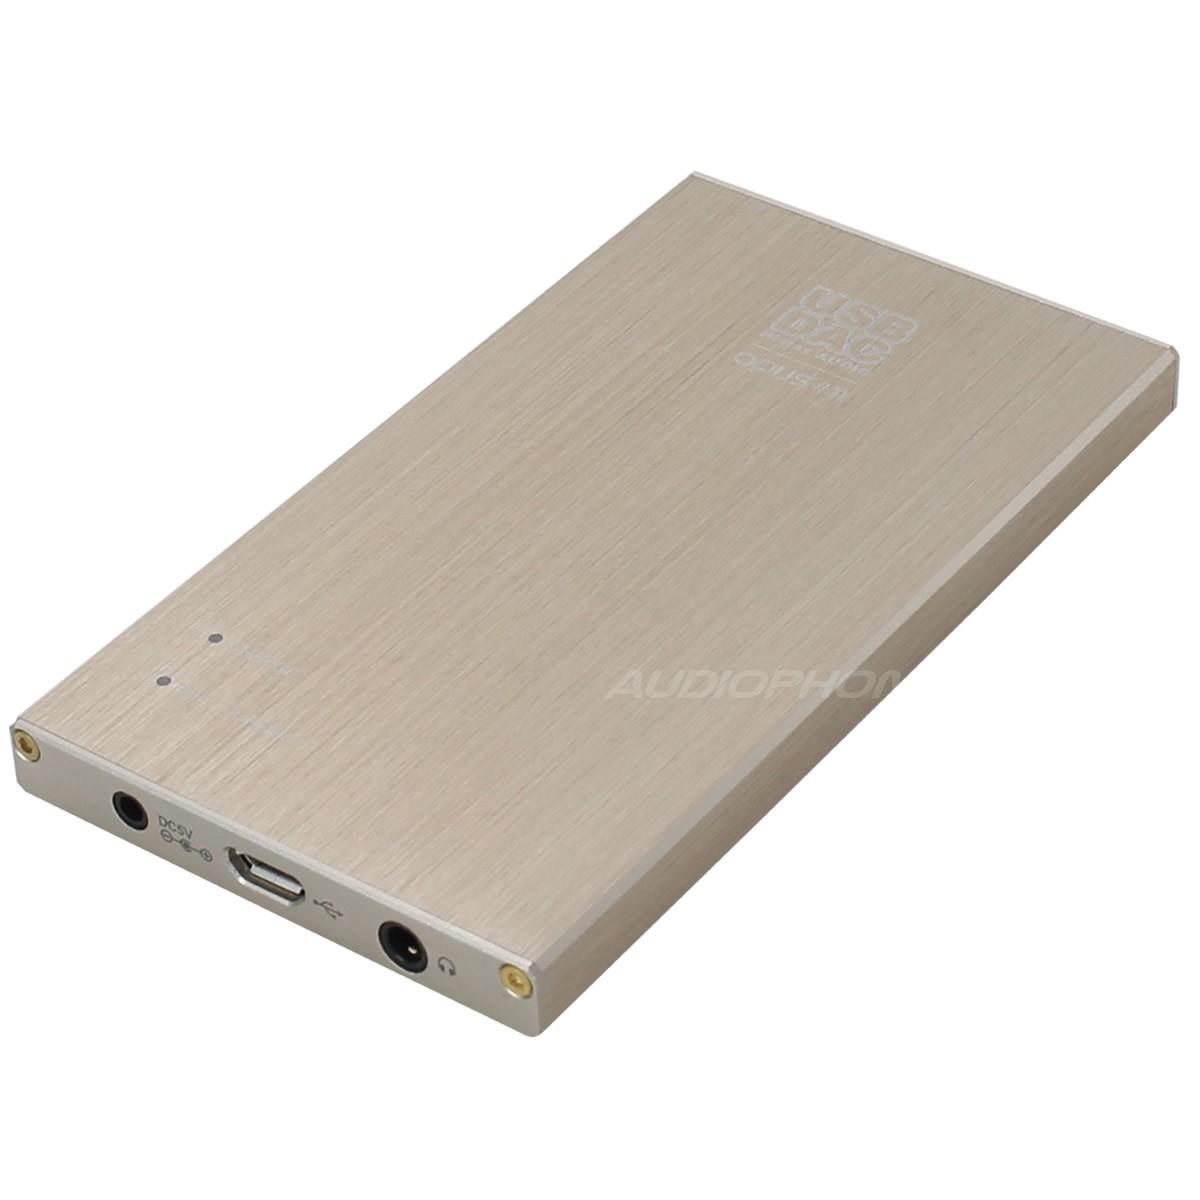 OPUS 11 Slim DAC USB 32Bit / 384kHz ES 9018 Android iOS DSD sur batterie